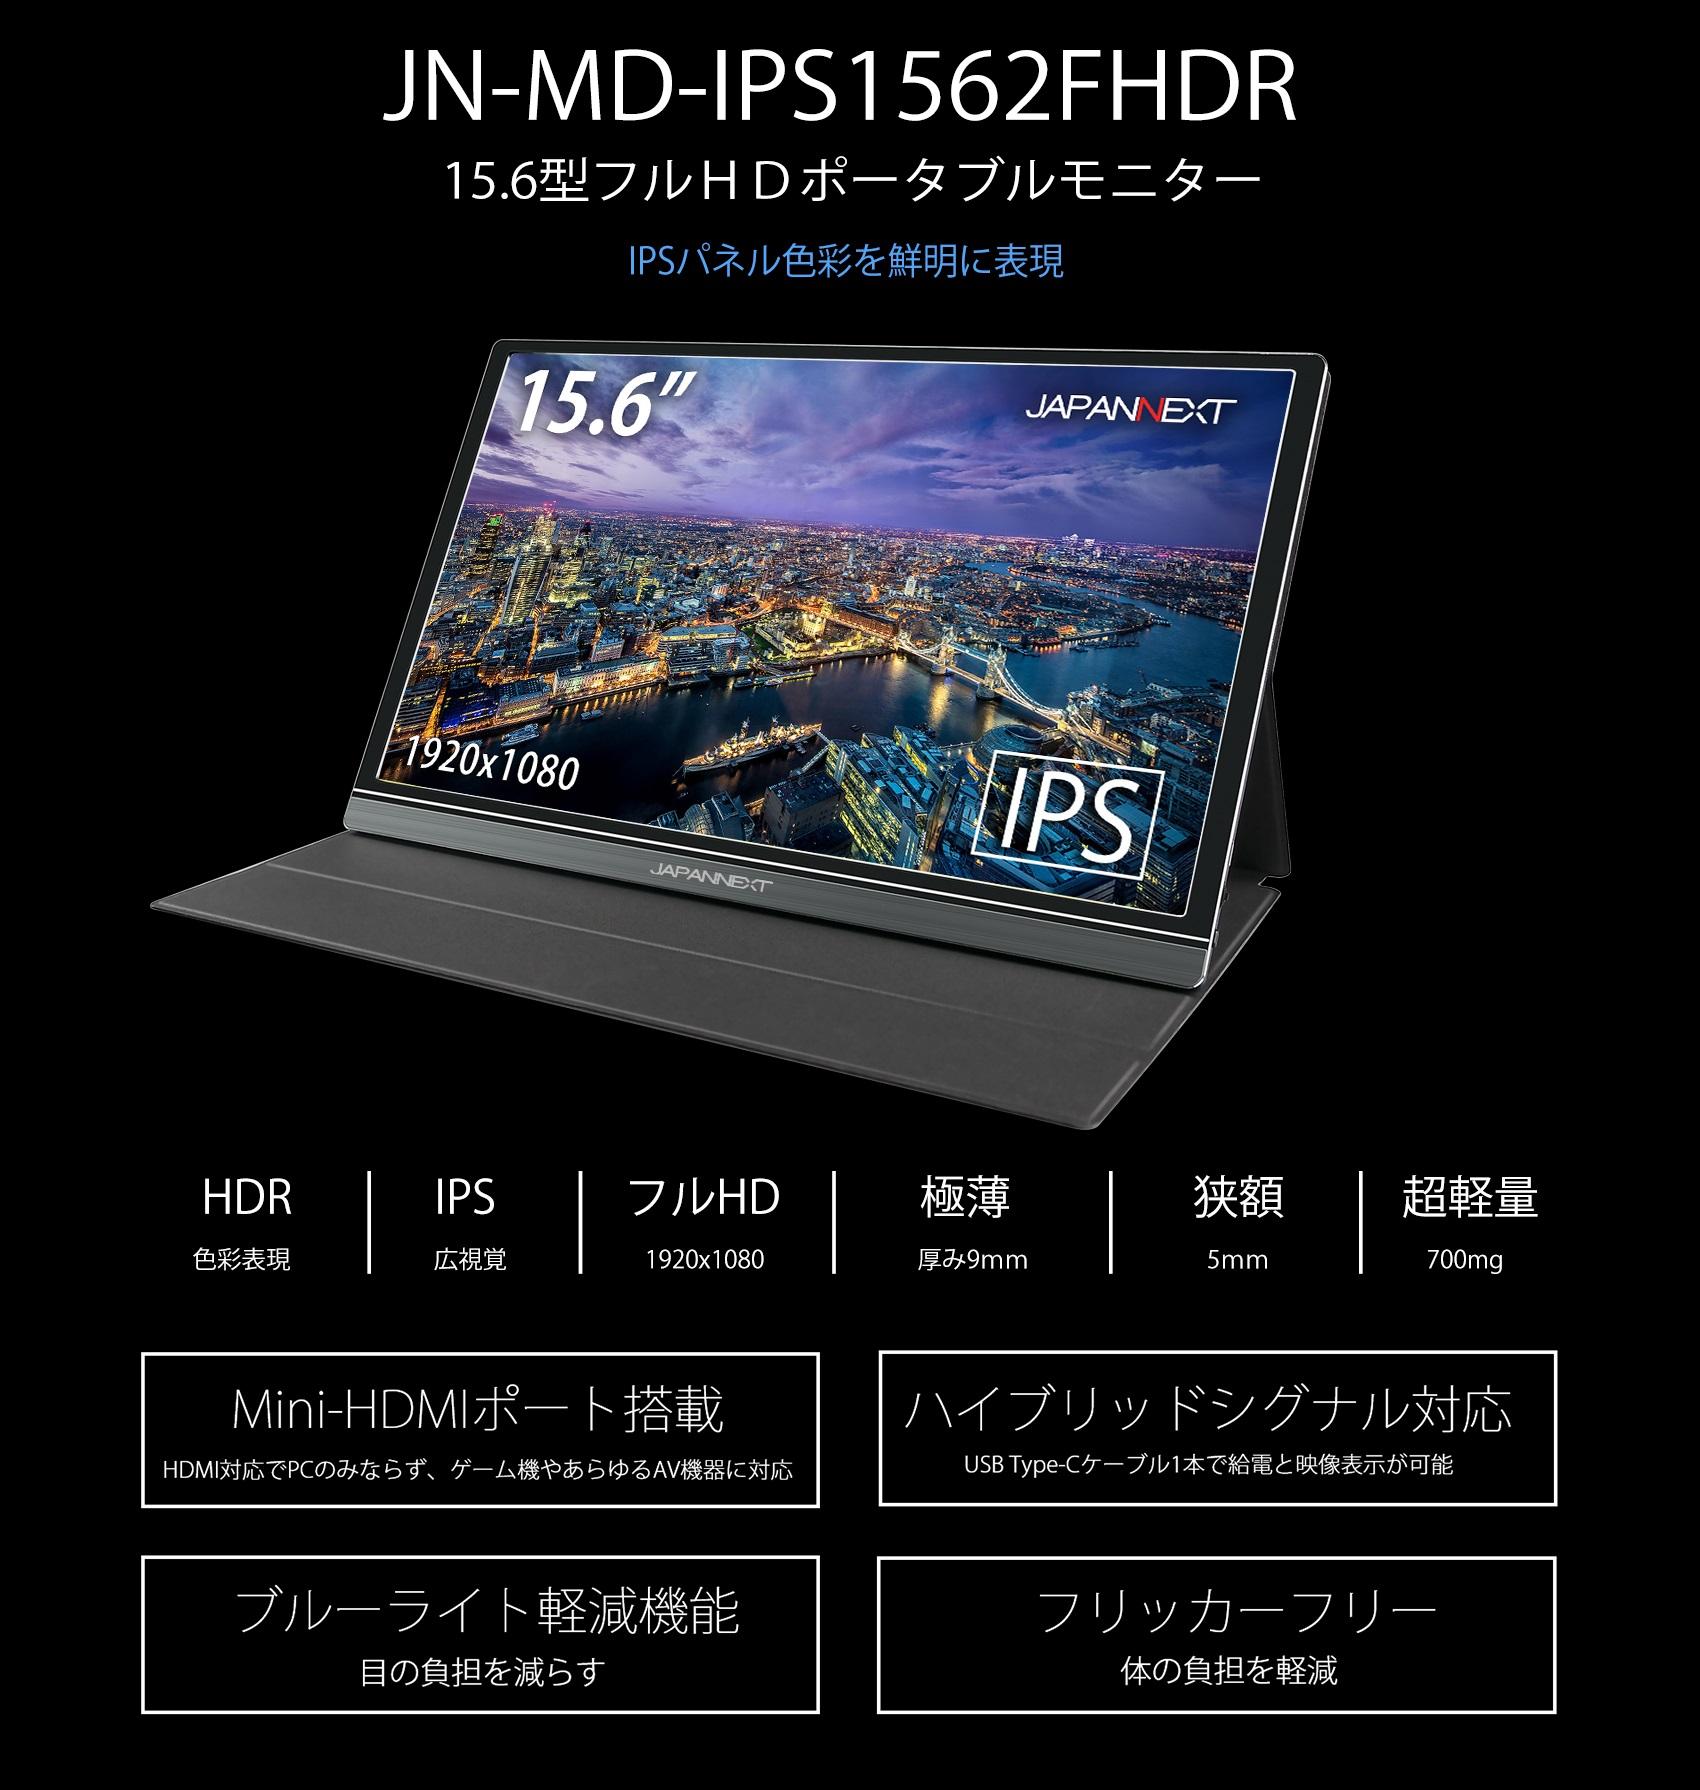 15.6インチモニターJN-MD-IPS1562FHDRついに誕生! 1920x1080 IPSパネルで色鮮やかで高い非常にコントラストを実現。HDR対応 type-C HDMI 極薄 超軽量